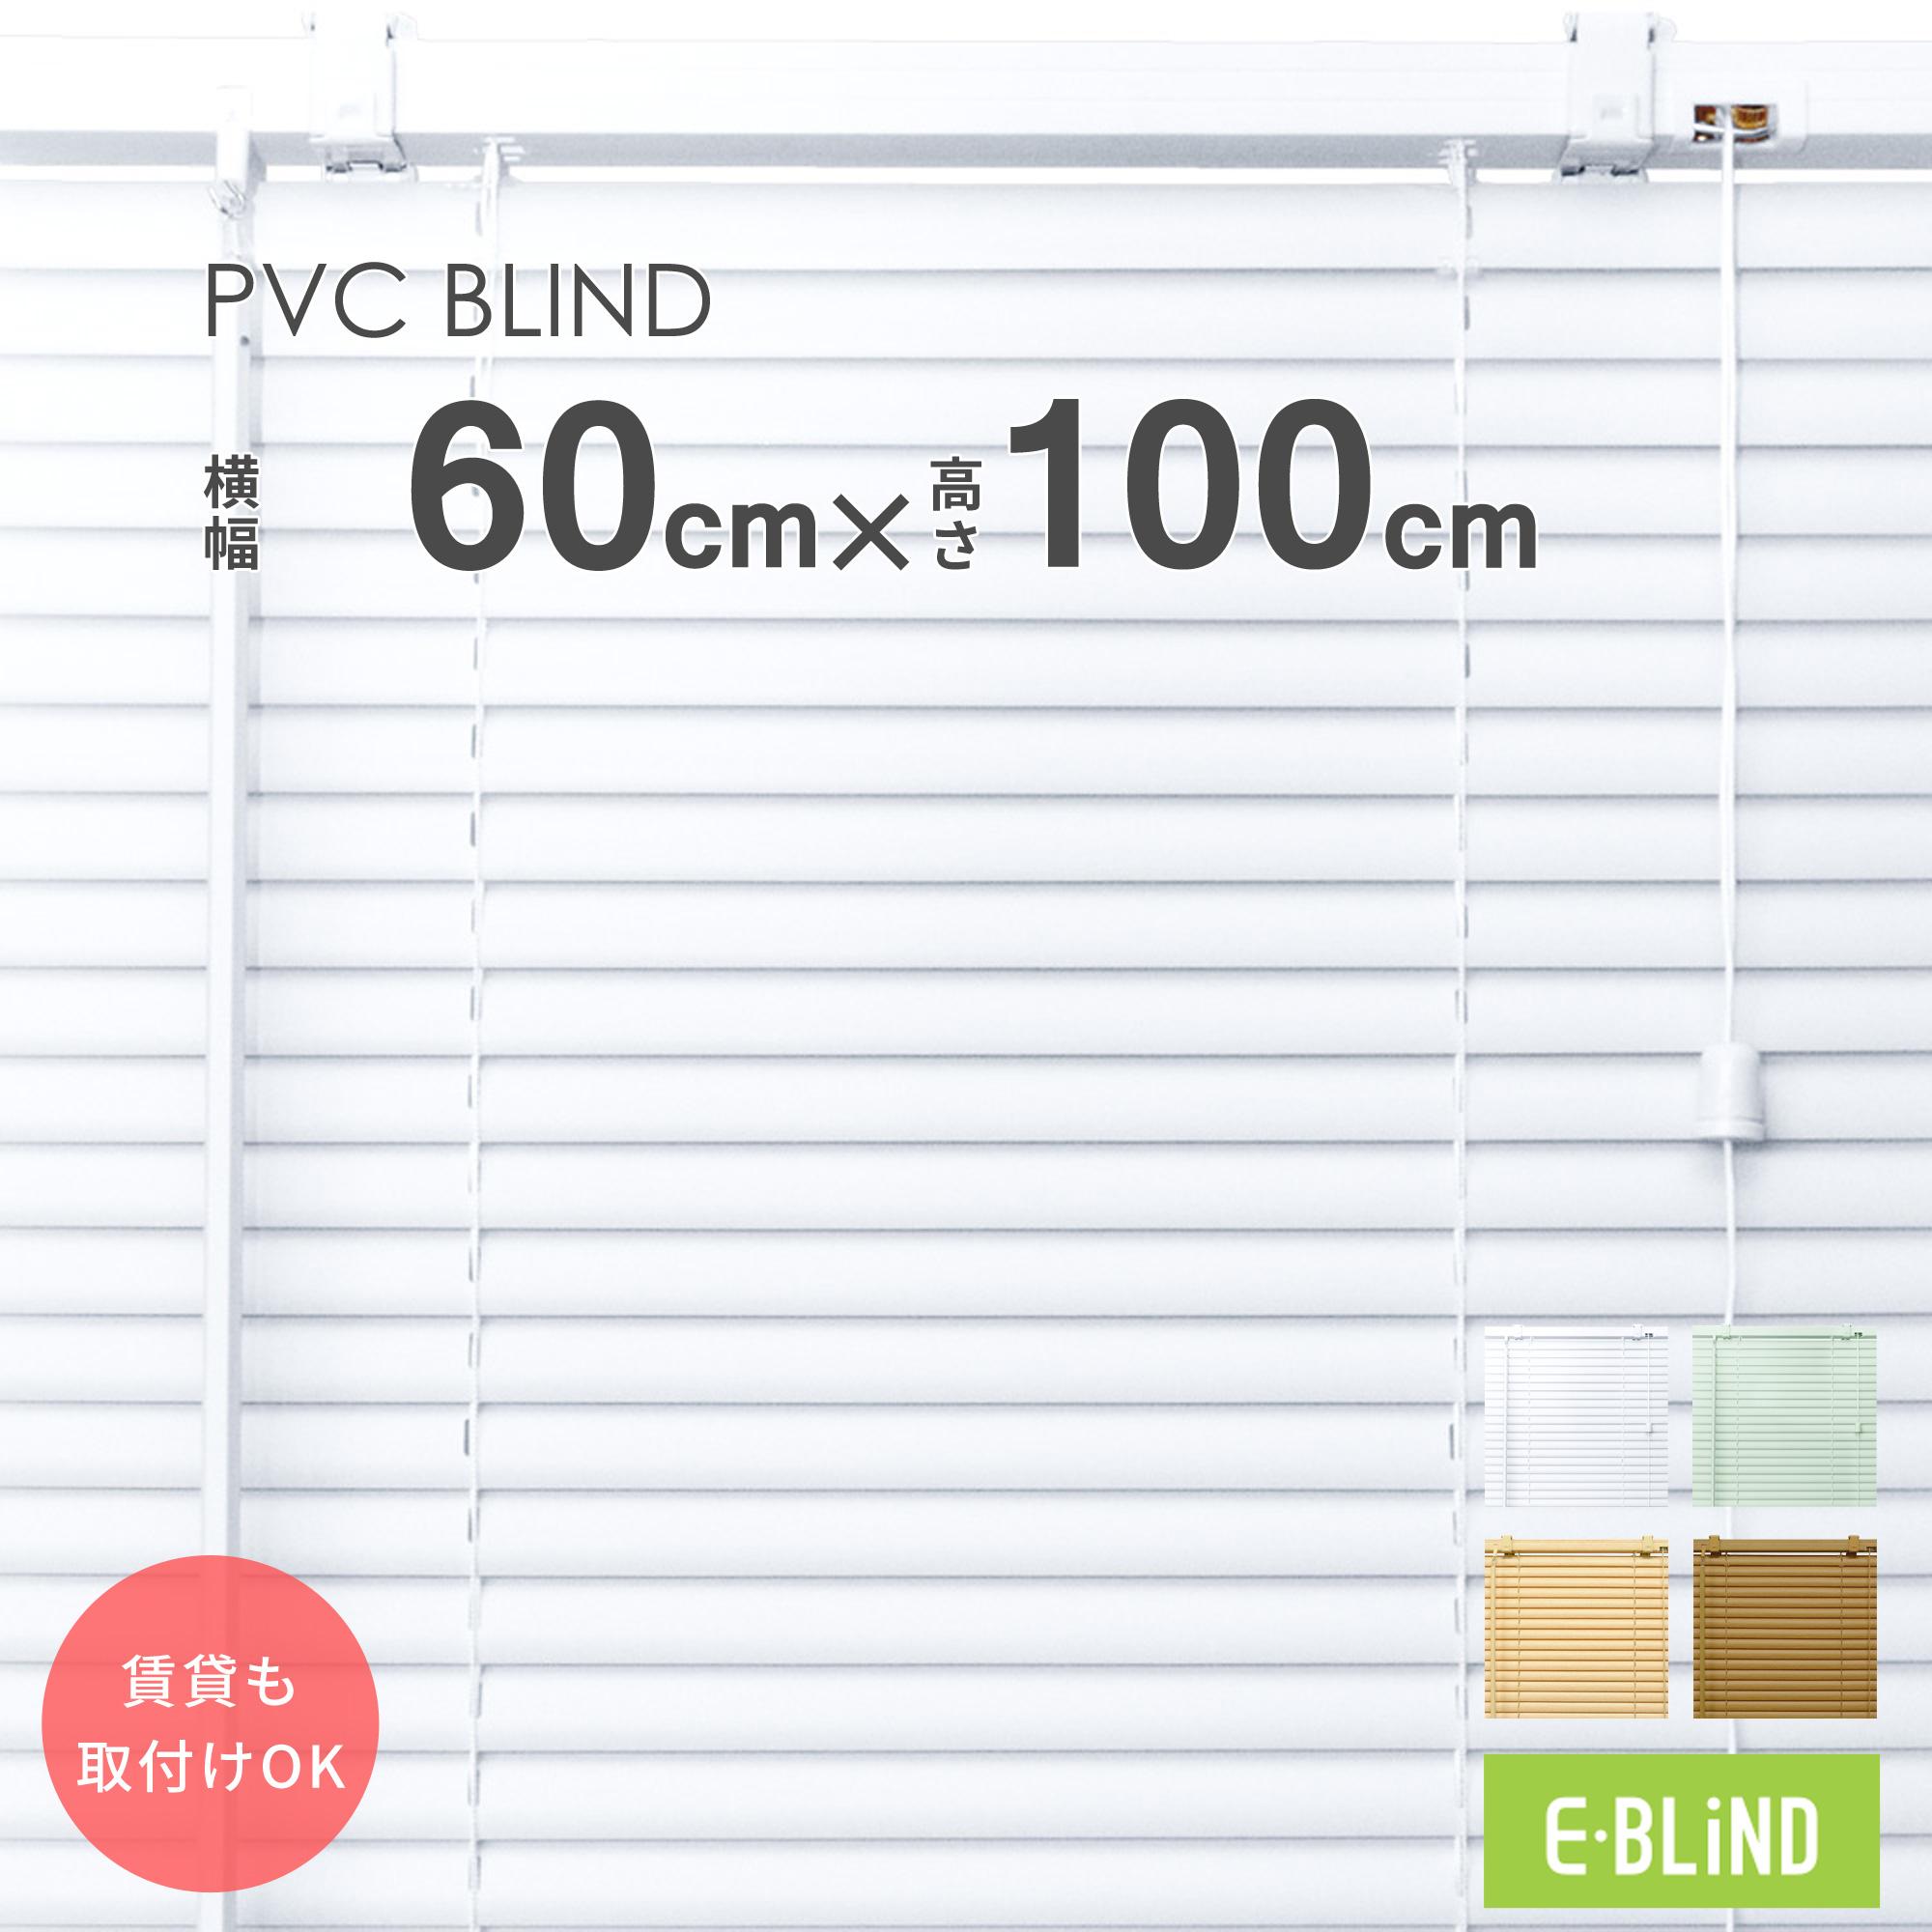 横幅60cm 即納最大半額 高さ100cm 30サイズから選べるPVCブラインド E-BLiND ブラインド 高い素材 プラスチック 既製サイズ 取り付け可能 カーテンレール イージーブラインド 幅60cm 賃貸 PVCブラインド